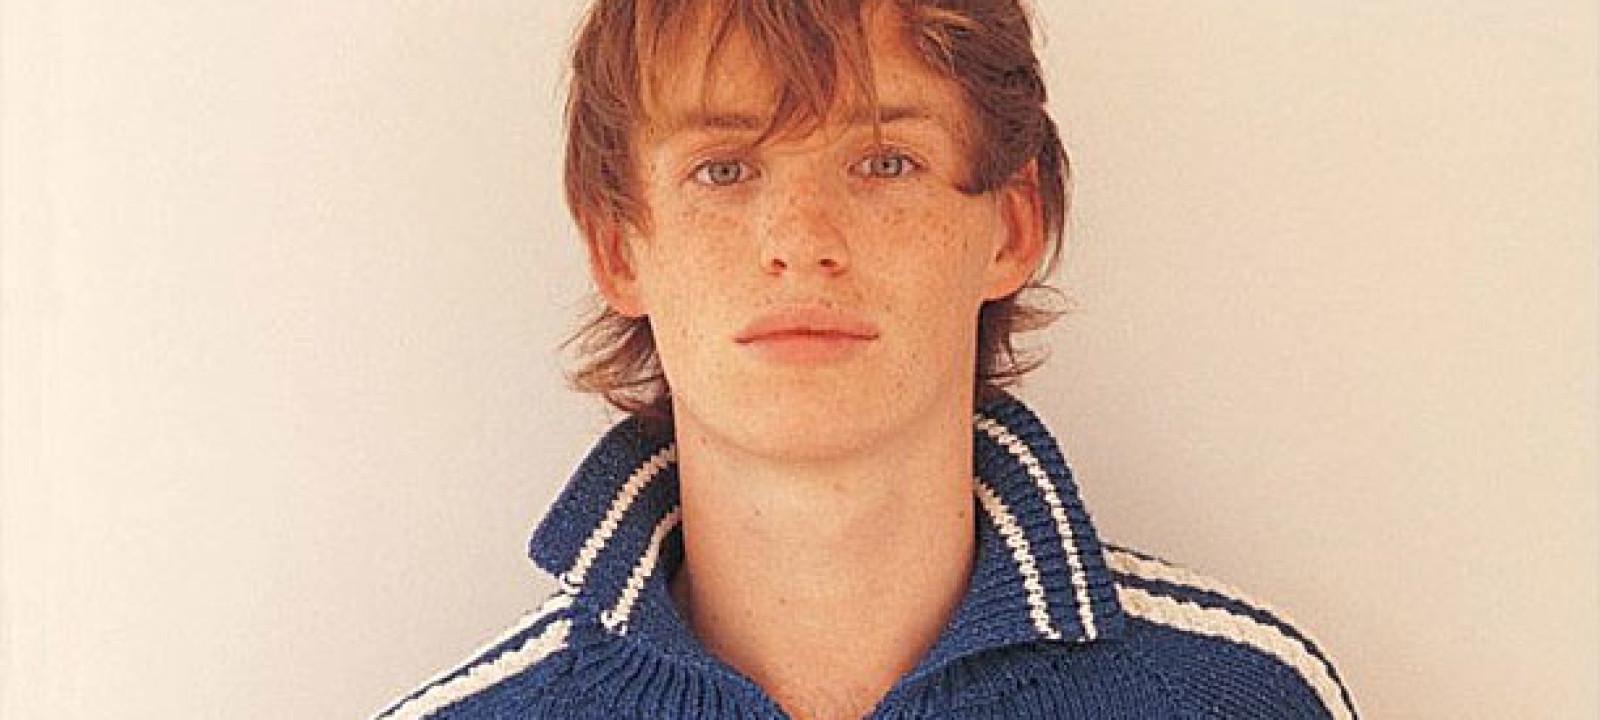 Eddie Redmayne in the 'Rowan Yarns' 2004 catalogue